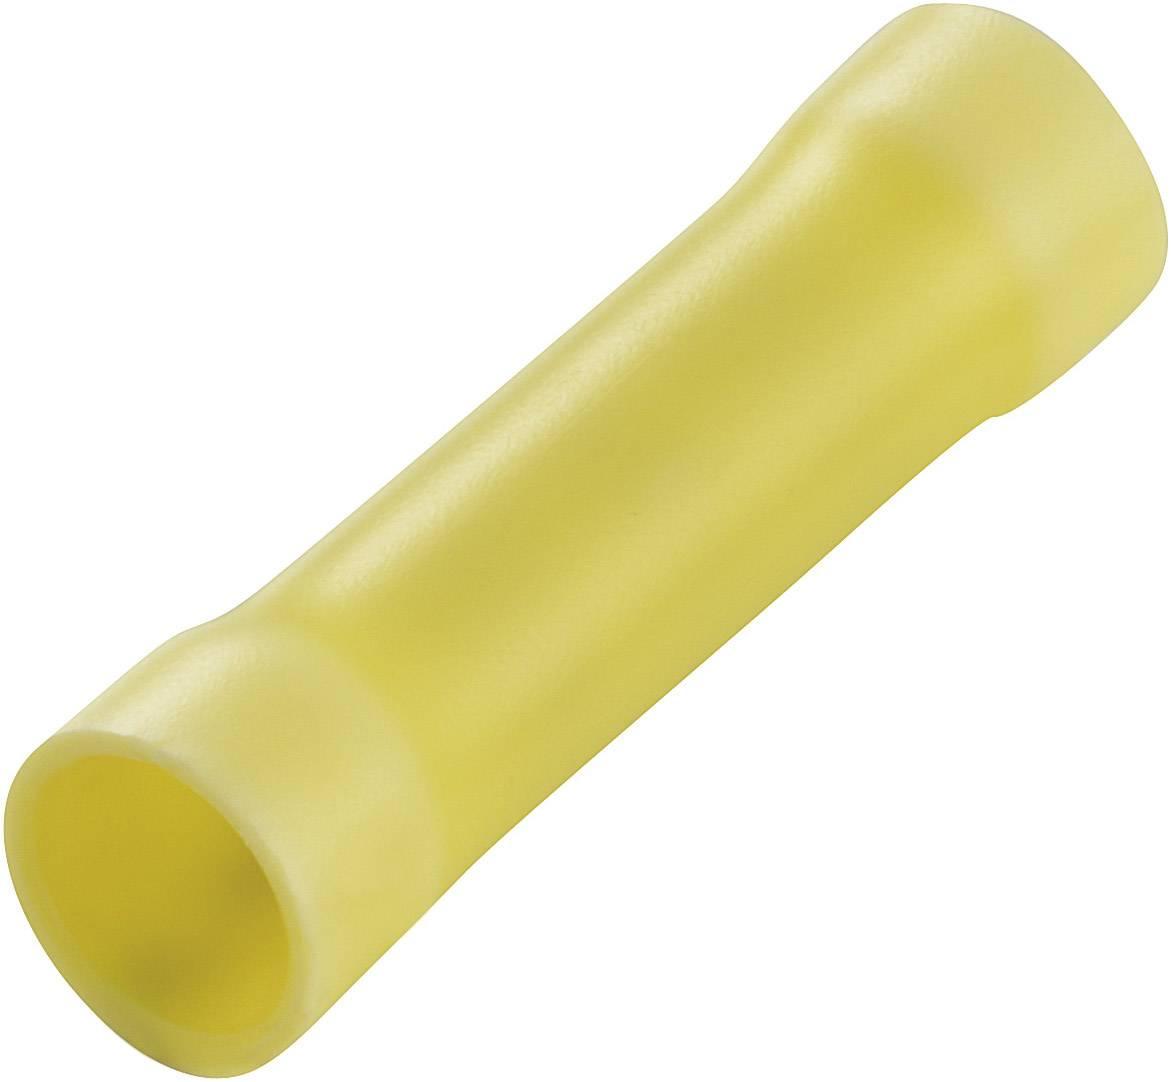 Krimpovacia spojka TE Connectivity 34072, 2.602 mm² (min), úplne izolované, žltá, 1 ks